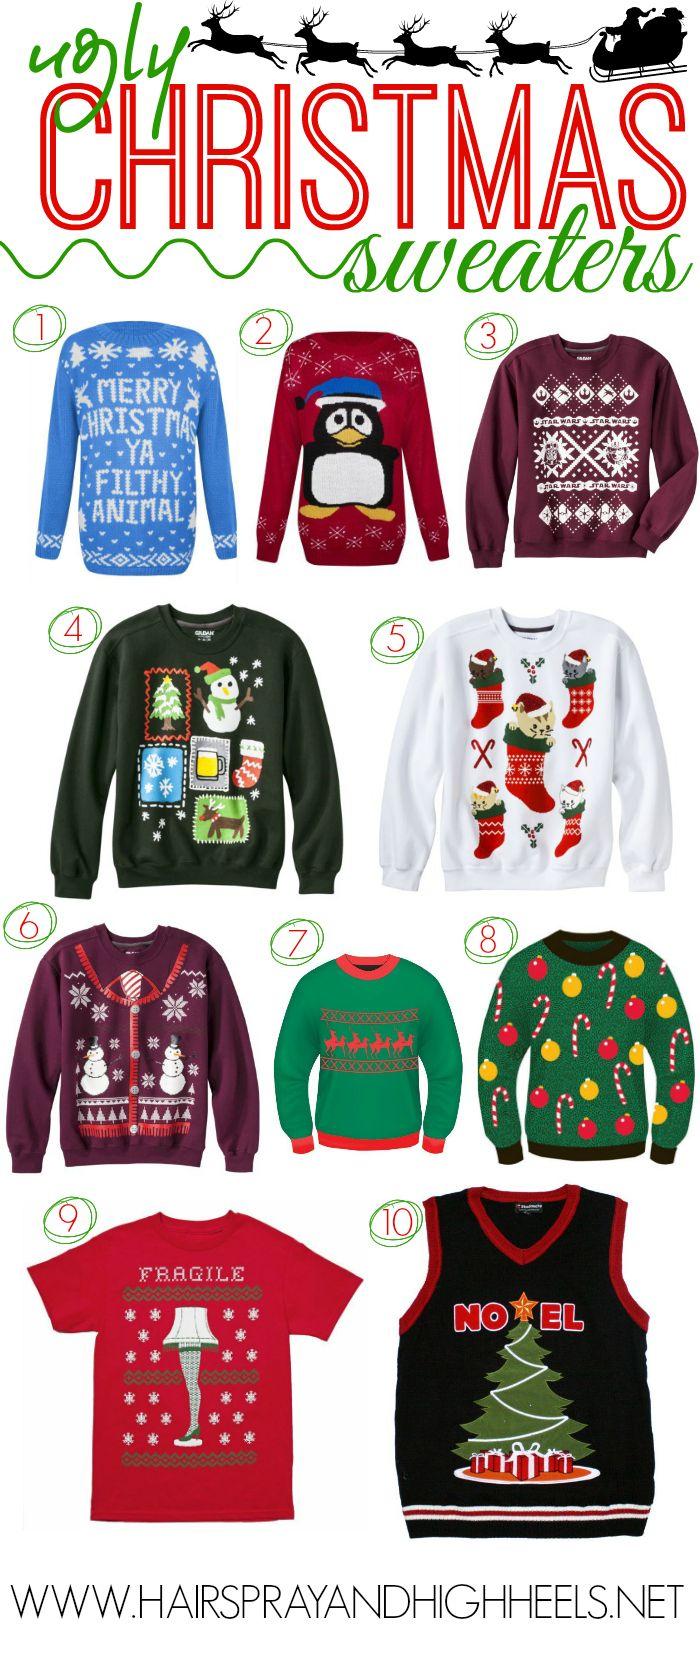 Ugly Christmas Sweaters via www.hairsprayandhighheels.com